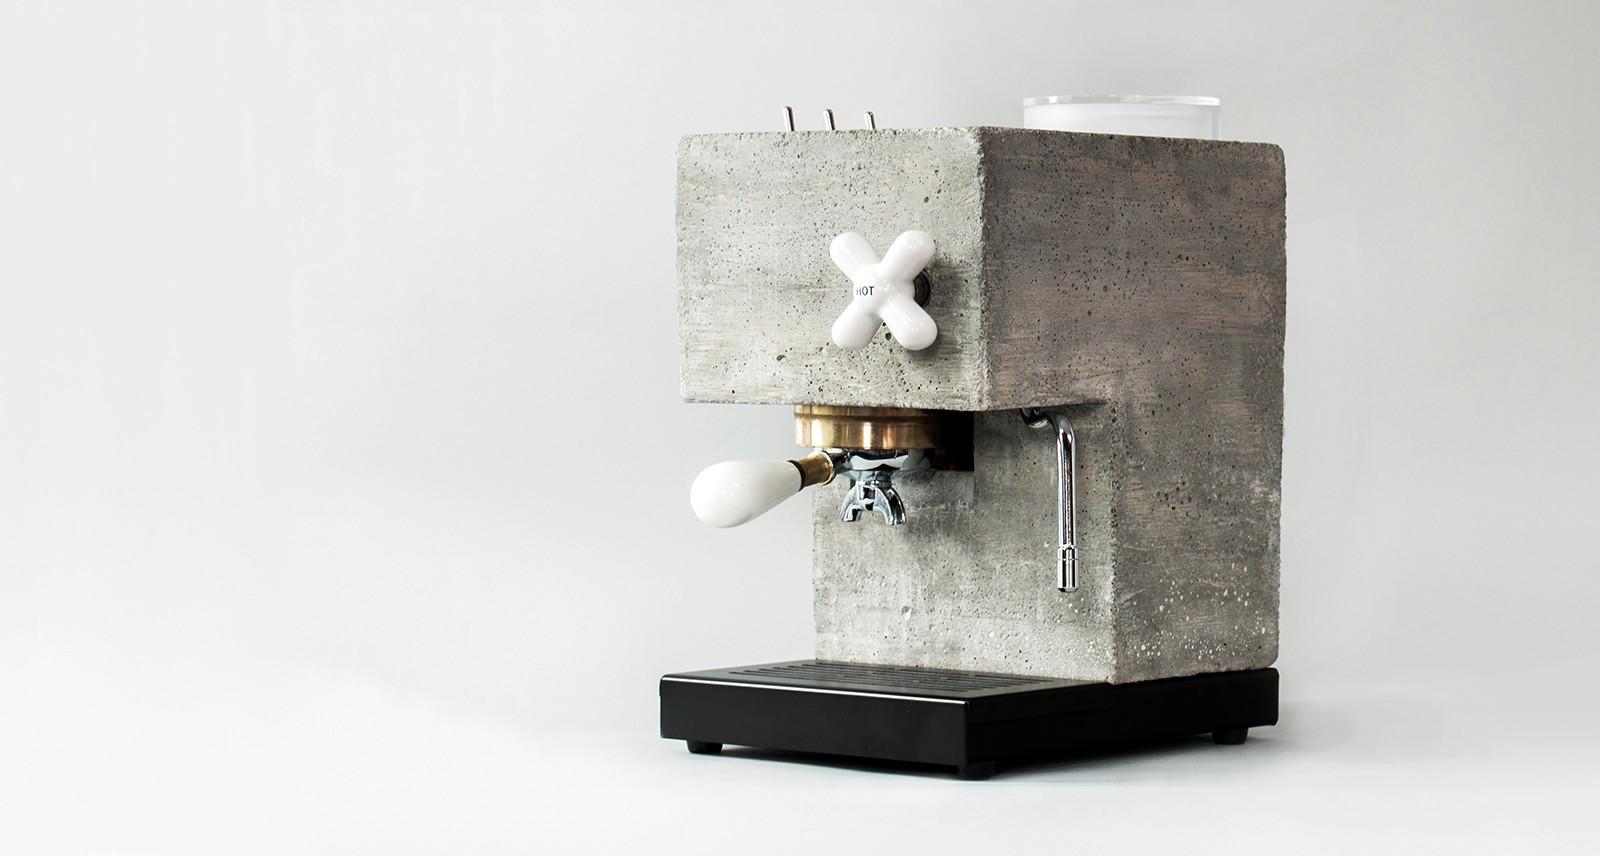 This Concrete Espresso Machine Is Pretty Solid